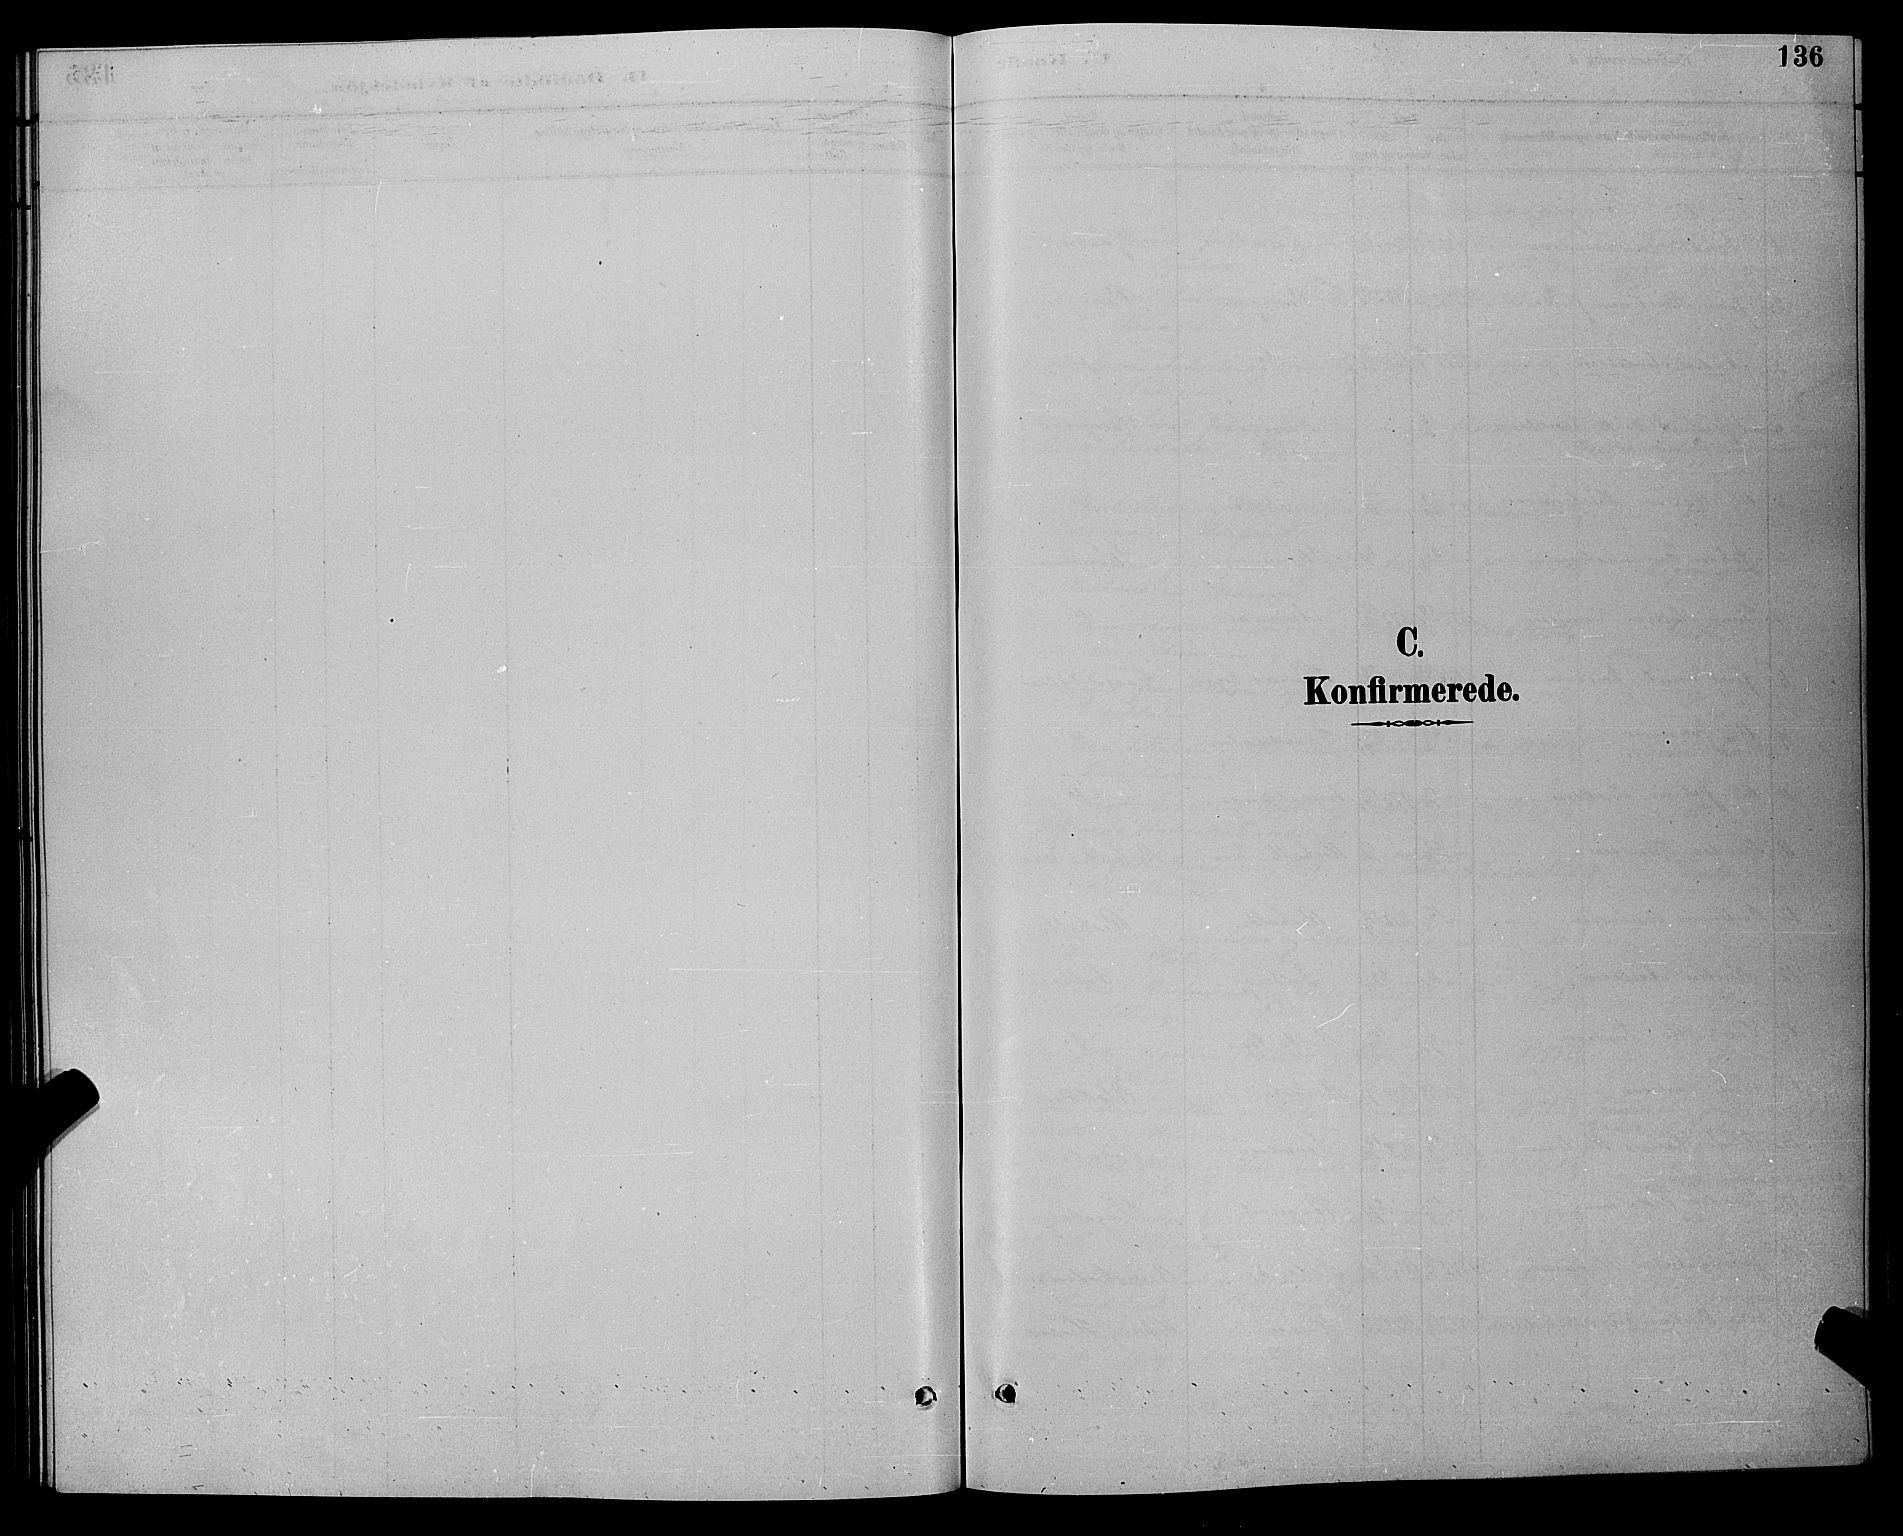 SAK, Øyestad sokneprestkontor, F/Fb/L0009: Klokkerbok nr. B 9, 1886-1896, s. 136